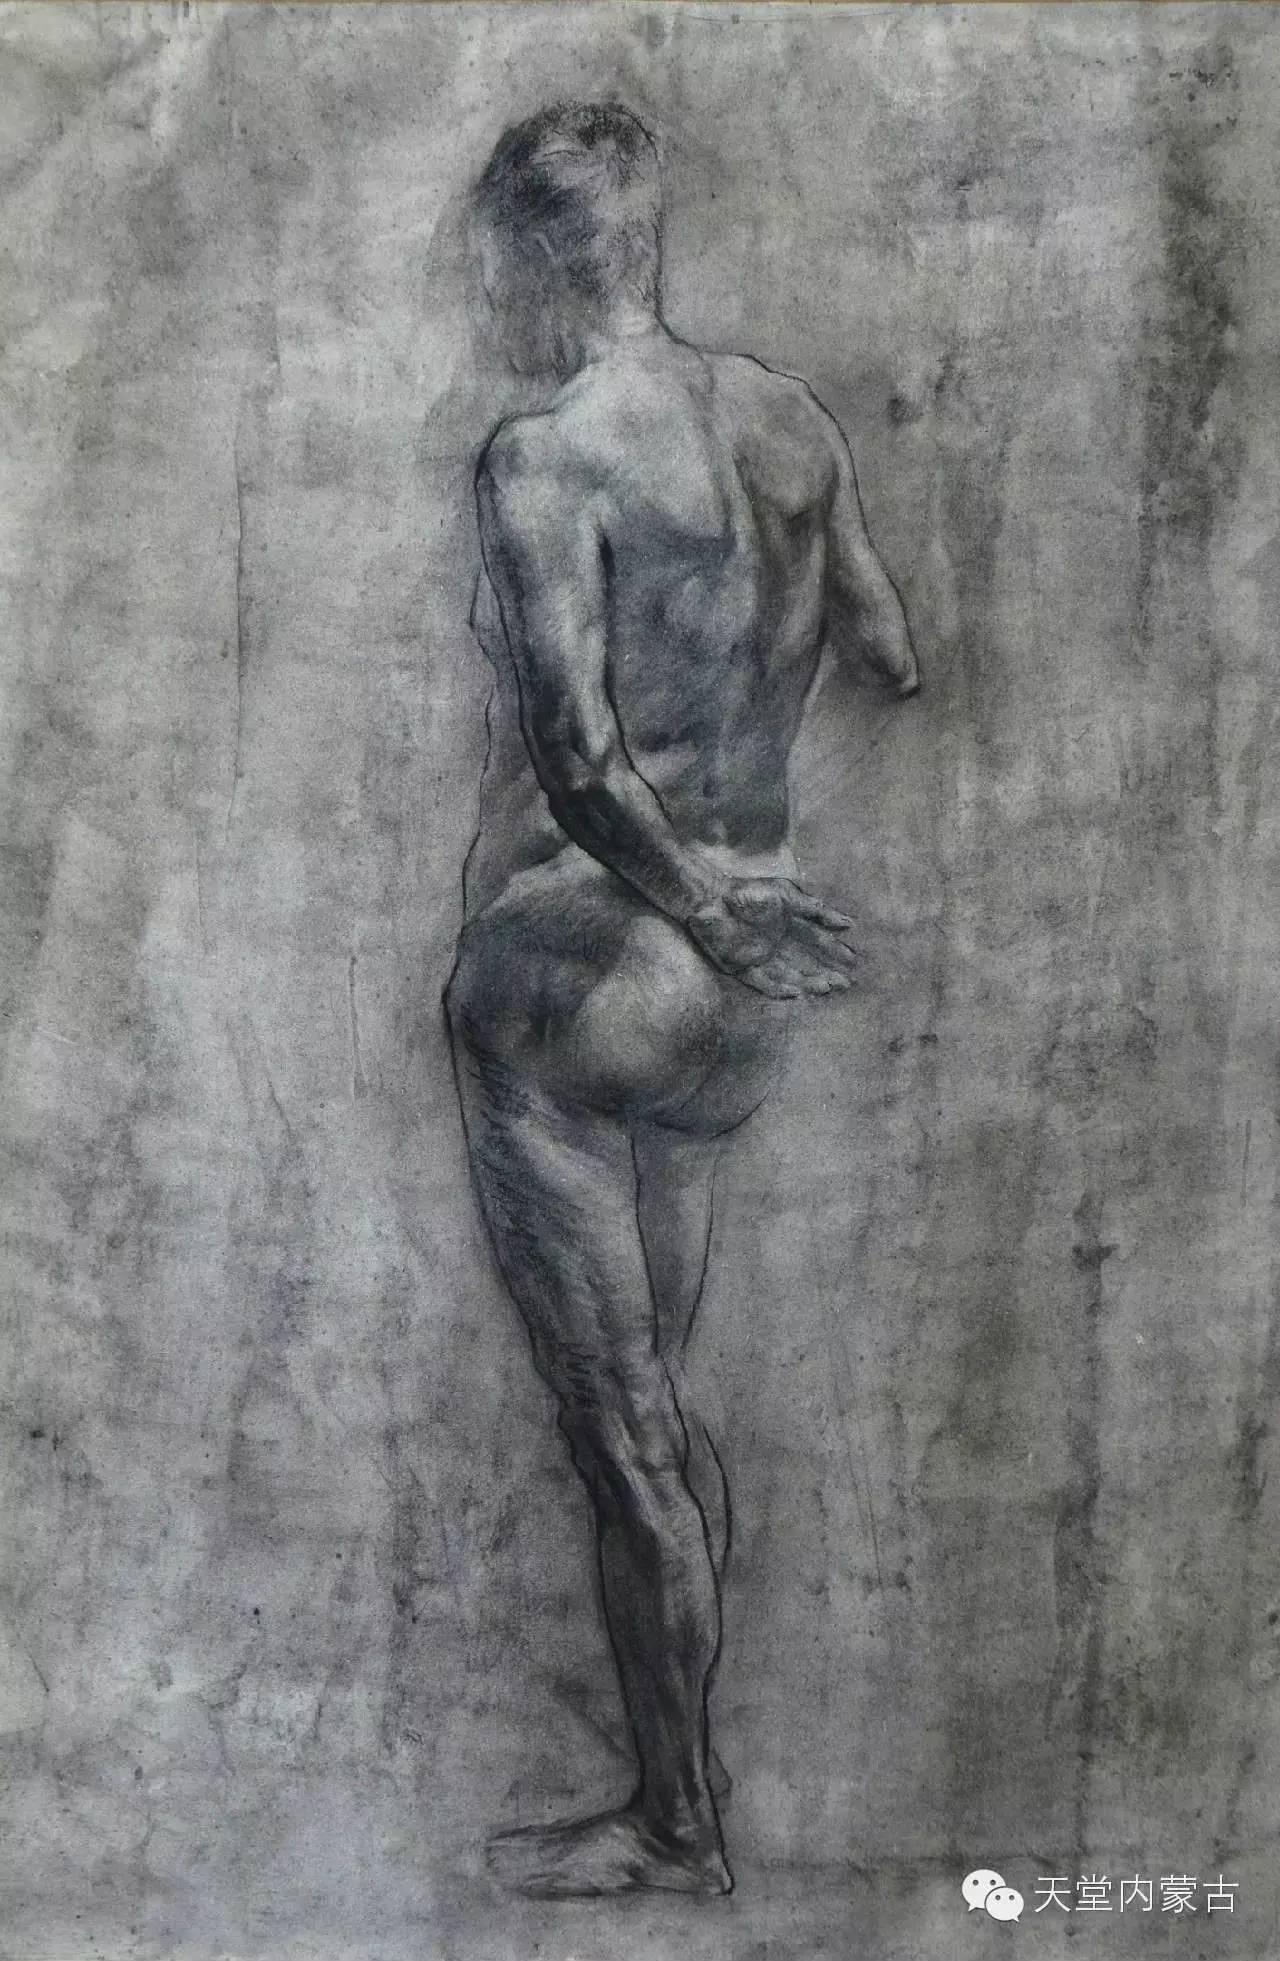 内蒙古油画家朝鲁门-油画作品 第10张